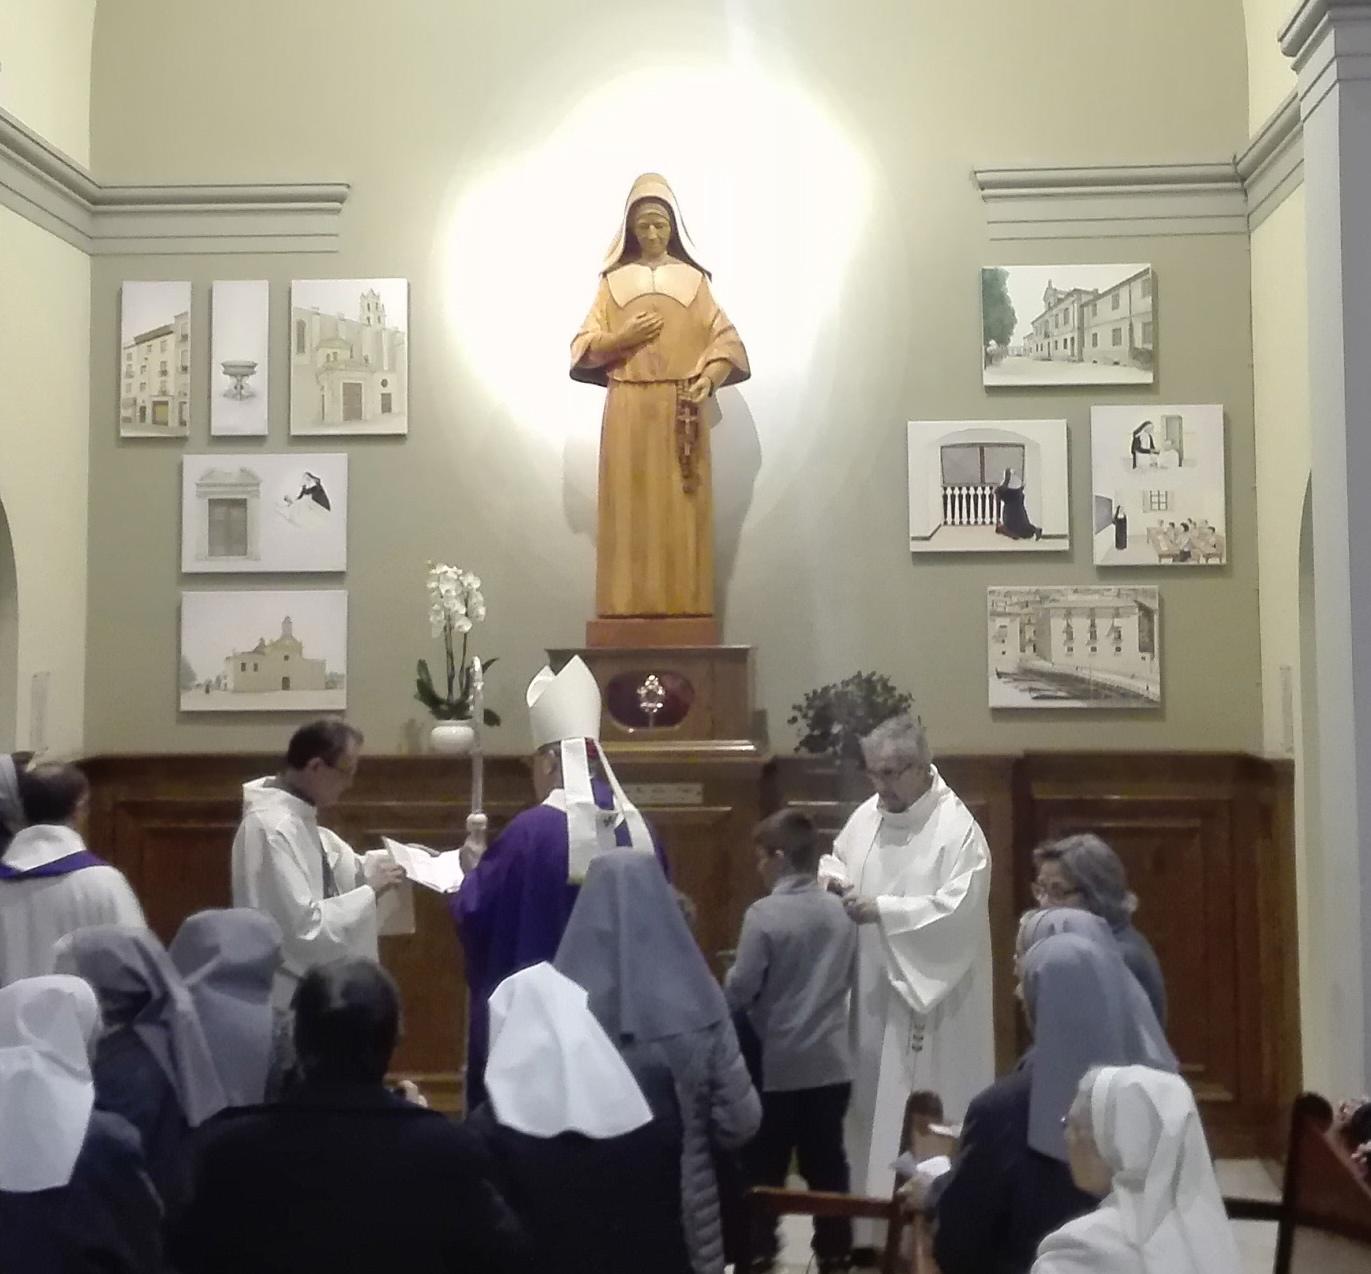 Fotos de la benedicció de la capella de Sta. Maria Rosa Molas